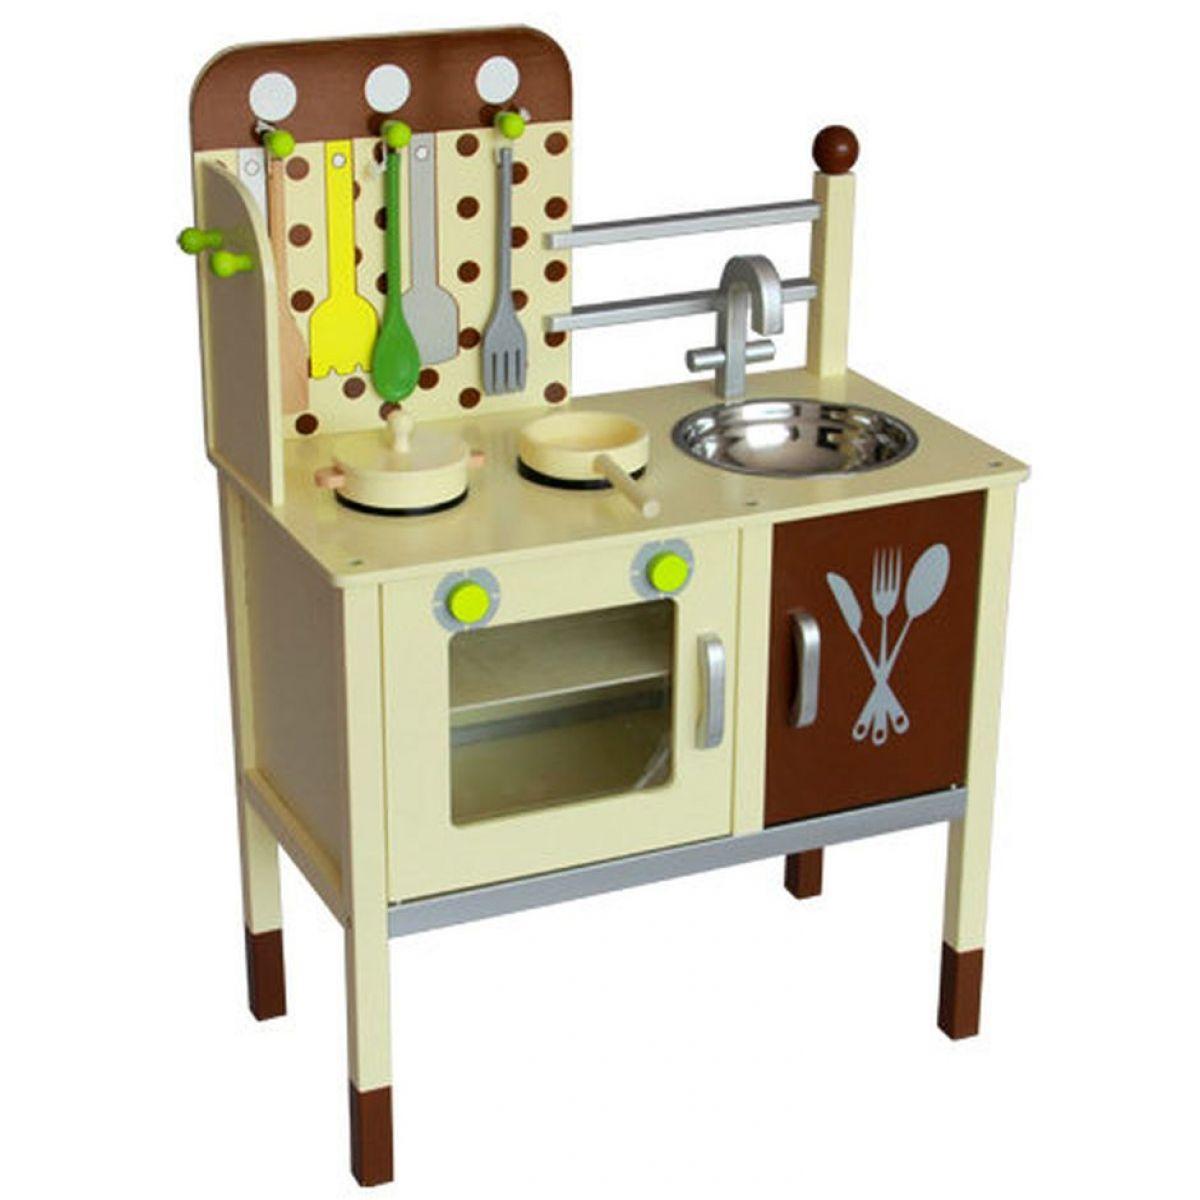 KidsHome Dětská kuchyňka s příslušenstvím 79 cm (02055)